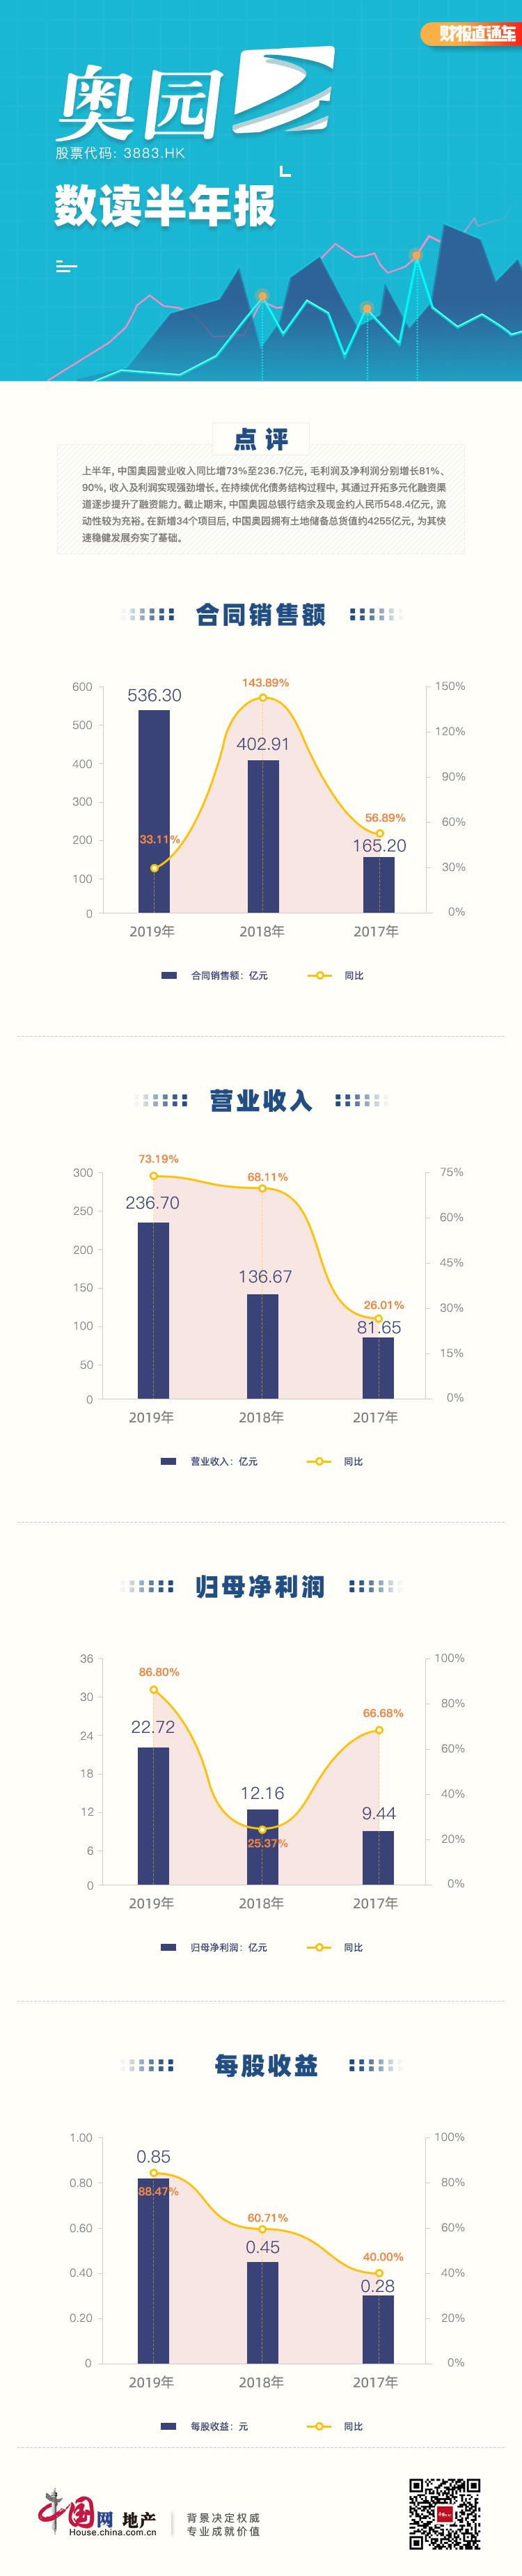 数读半年报|中国奥园:收入及利润实现强劲增长 土储总货值约4255亿元-中国网地产